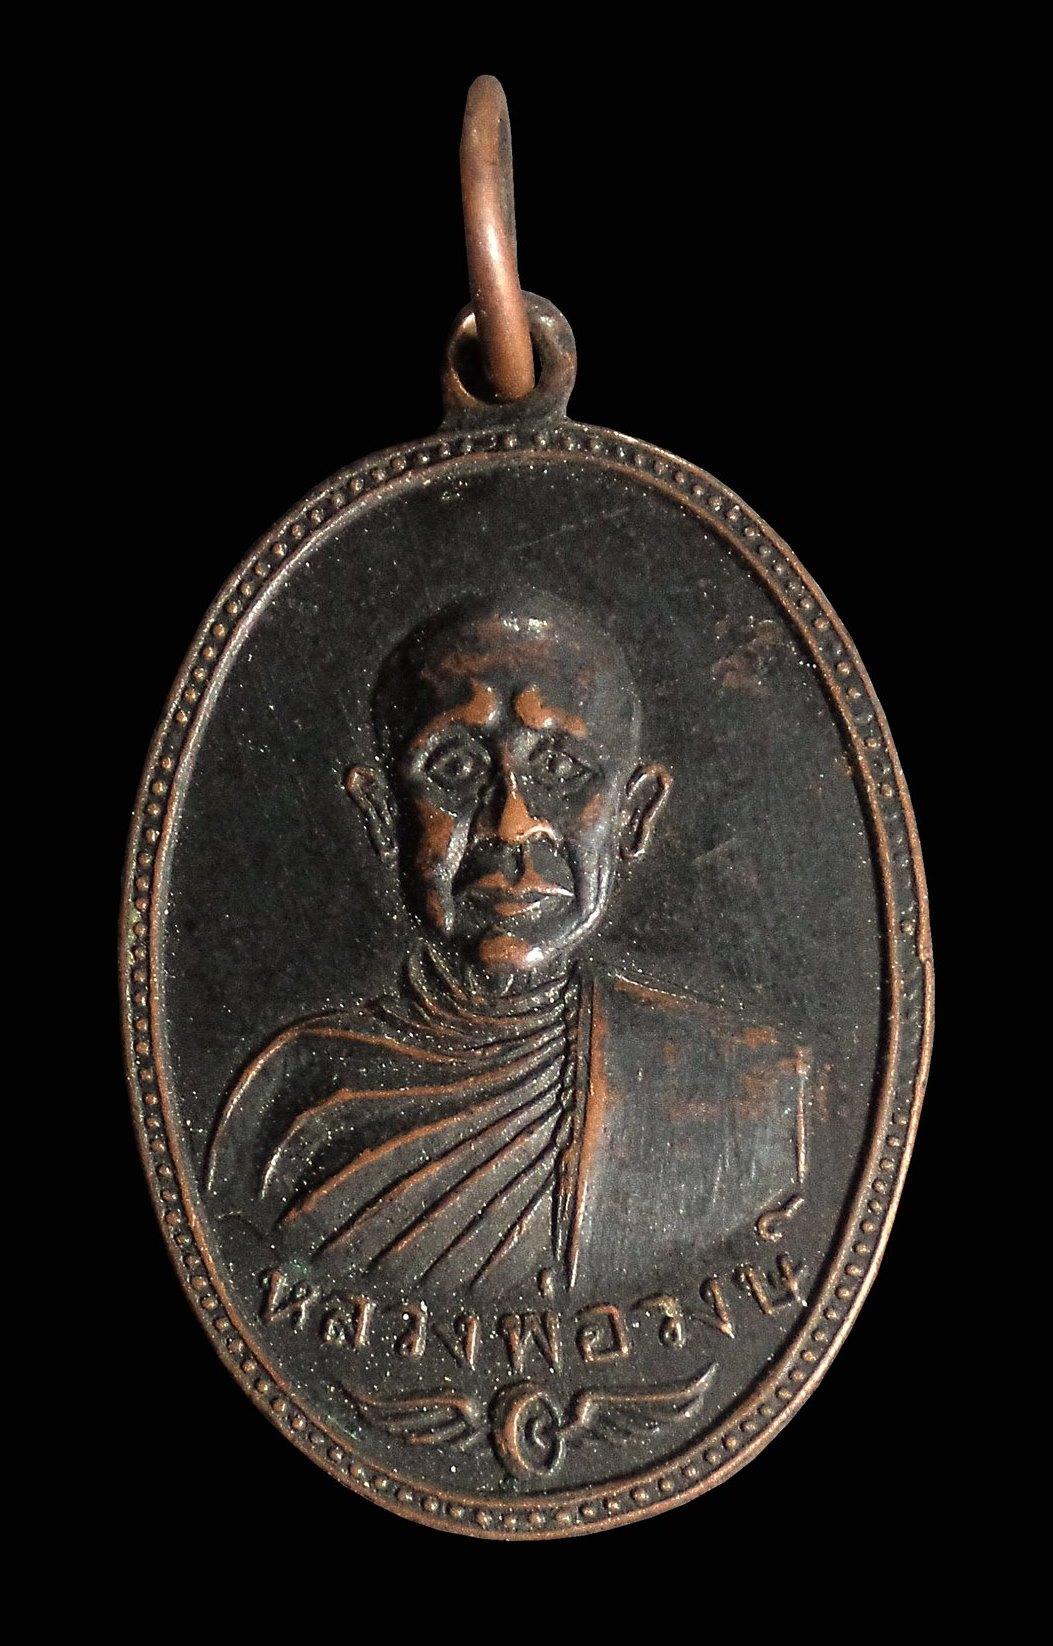 เหรียญหลวงพ่อวงษ์ วัดทุ่งพิชัย ดอนตูม จ.นครปฐม ปี 2516